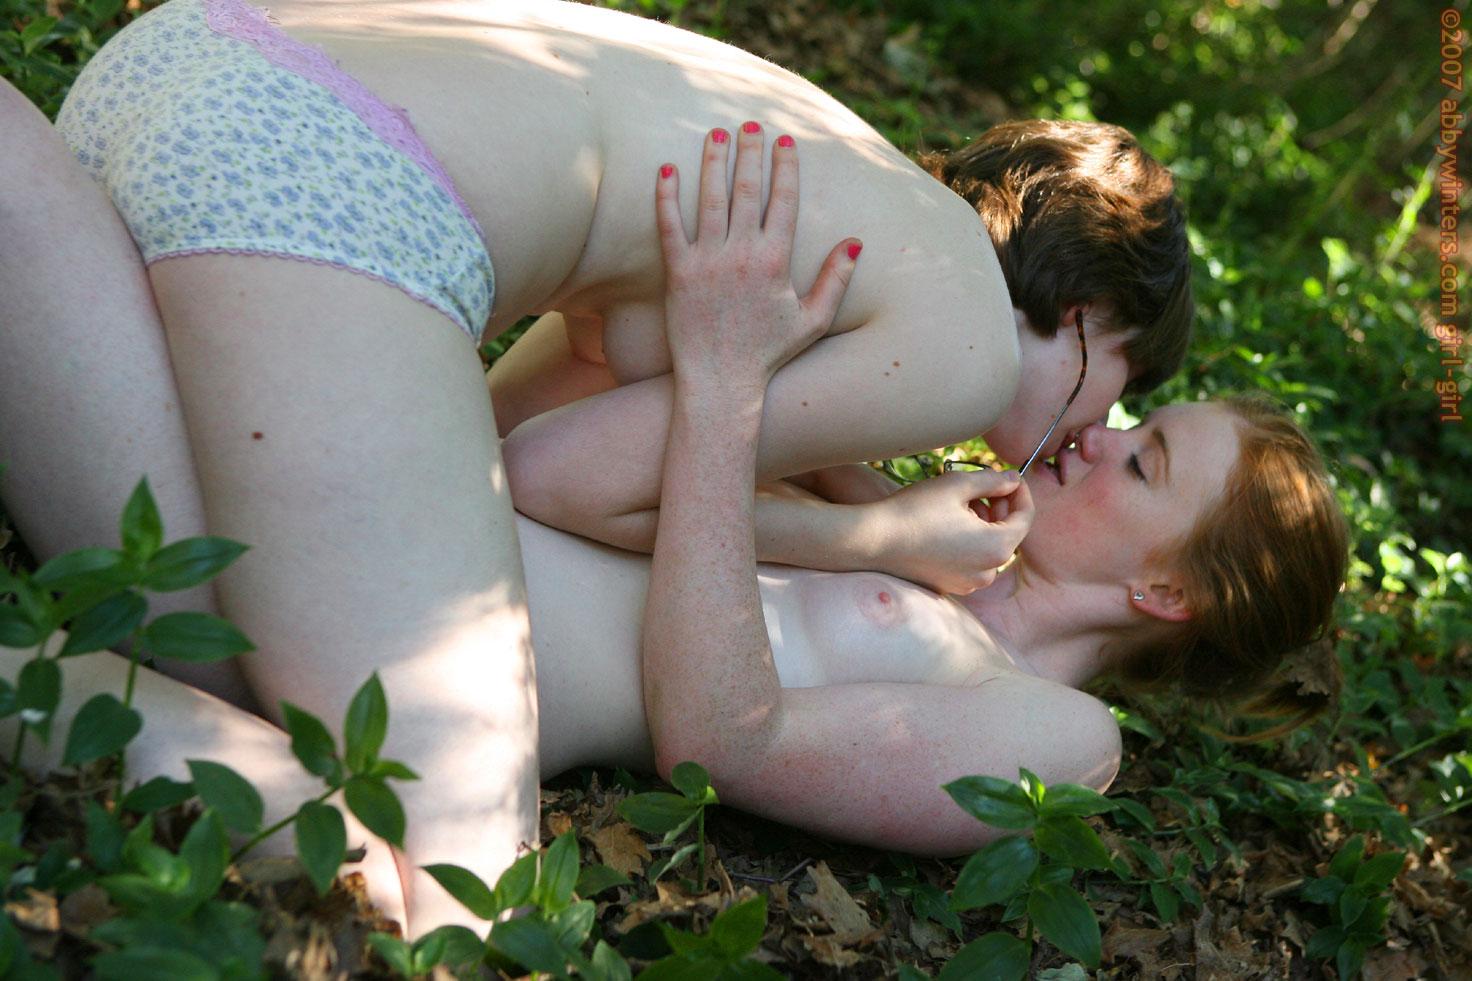 lesbians-97